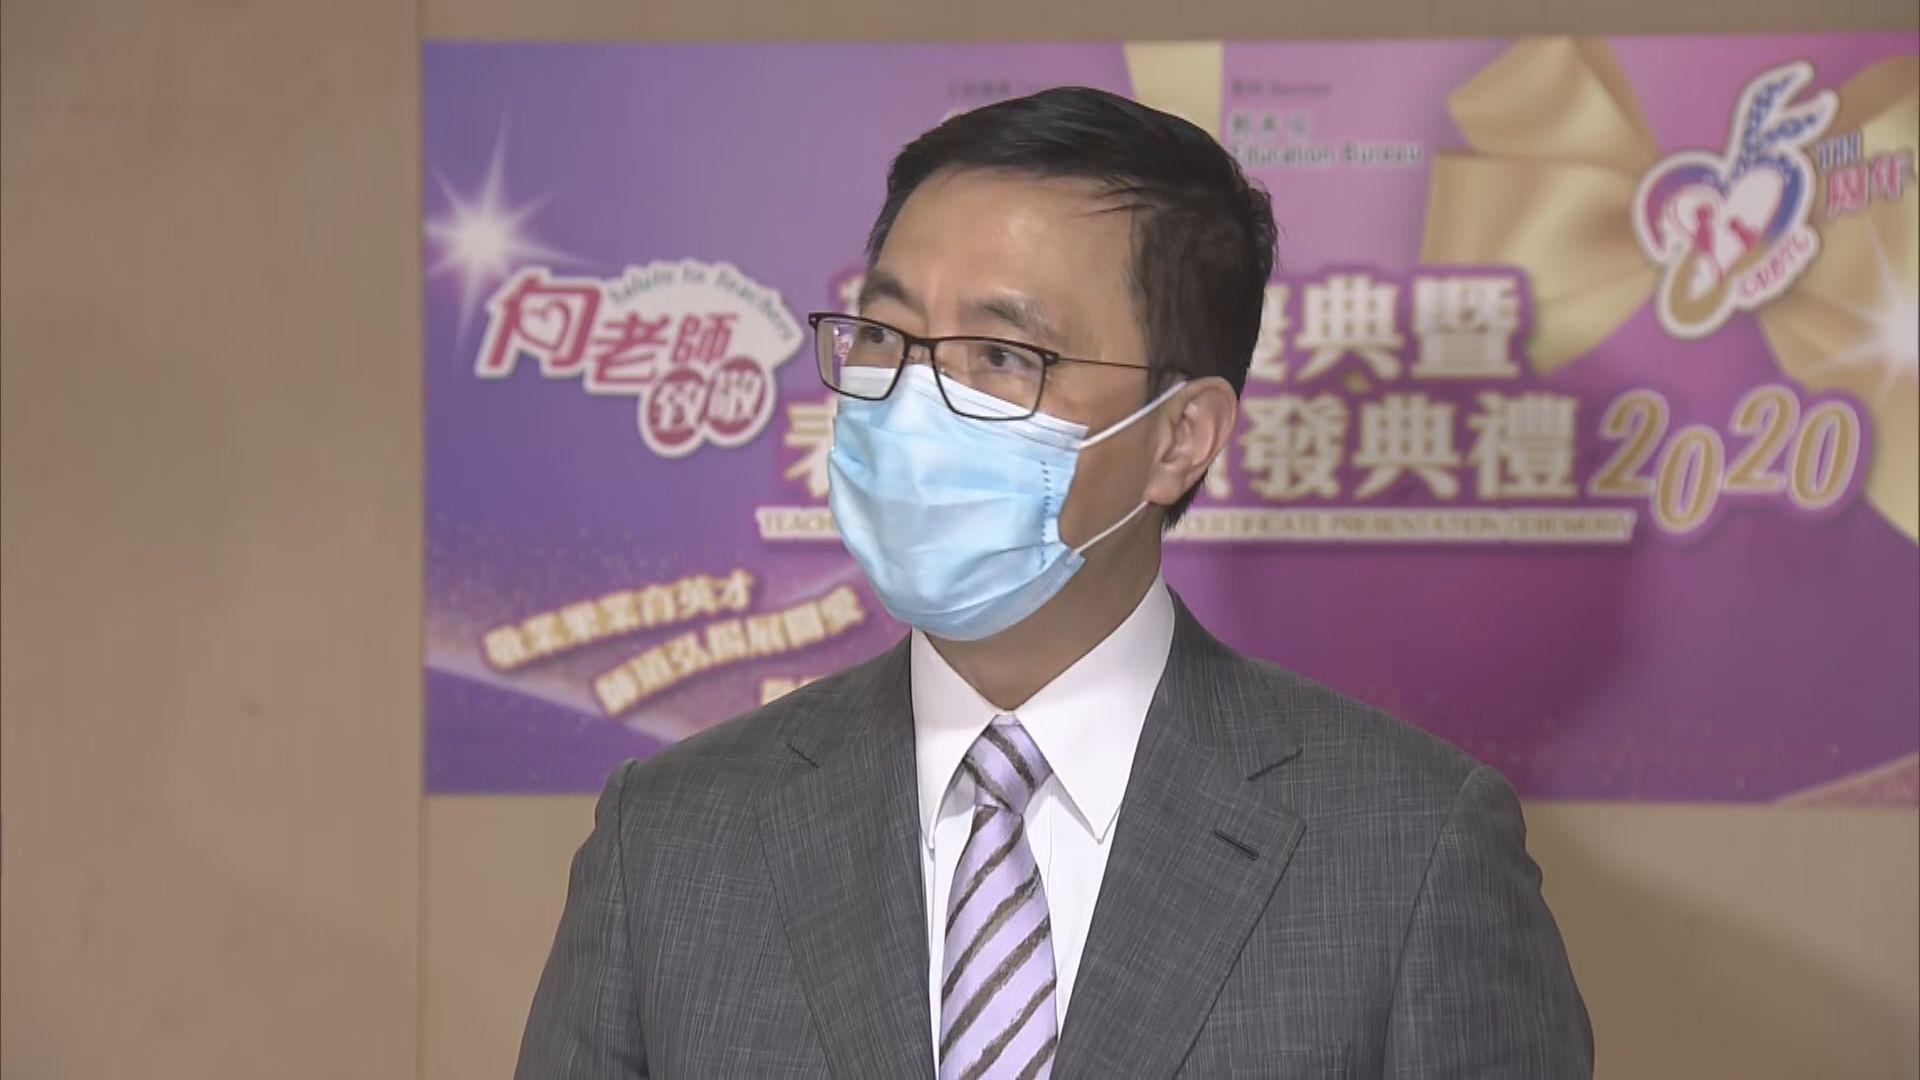 教育局將安排教職員檢測 楊潤雄指是自願性質